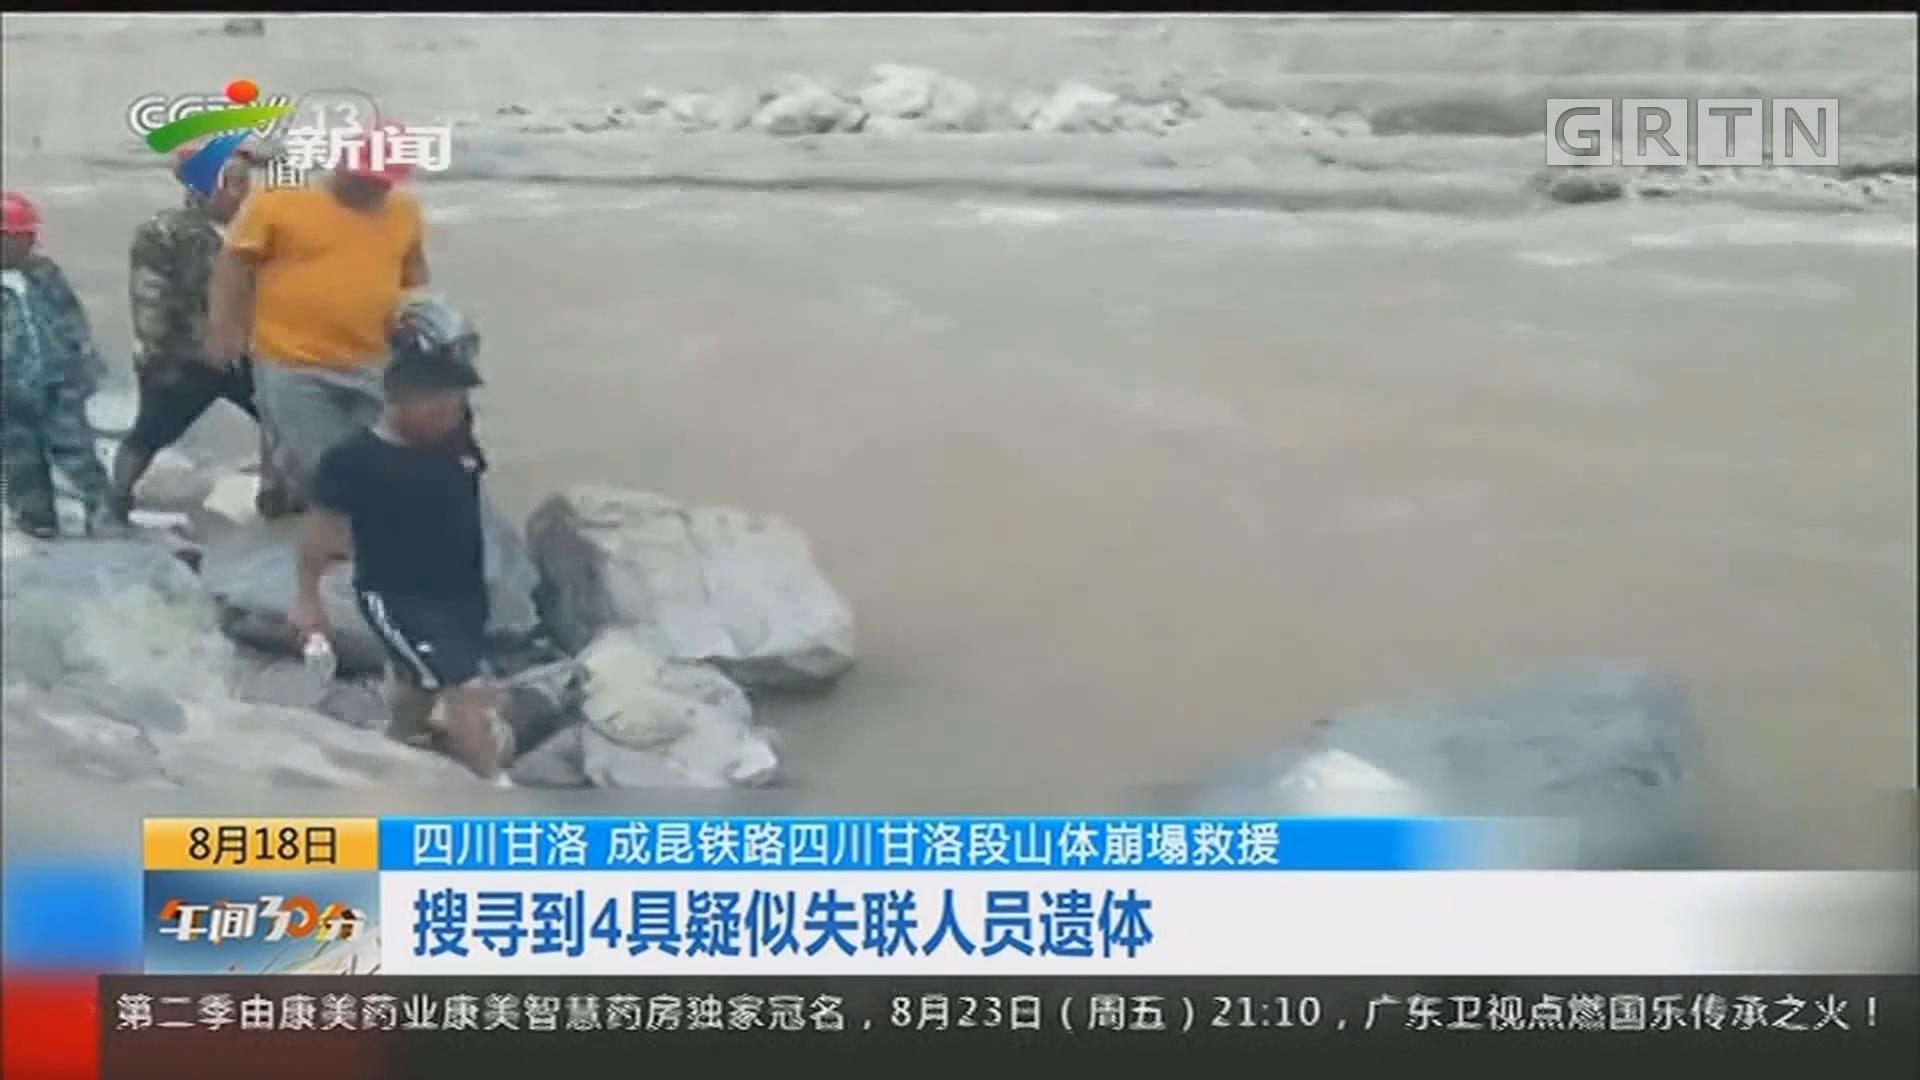 四川甘洛 成昆铁路四川甘洛段山体崩塌救援:搜寻到4具疑似失联人员遗体